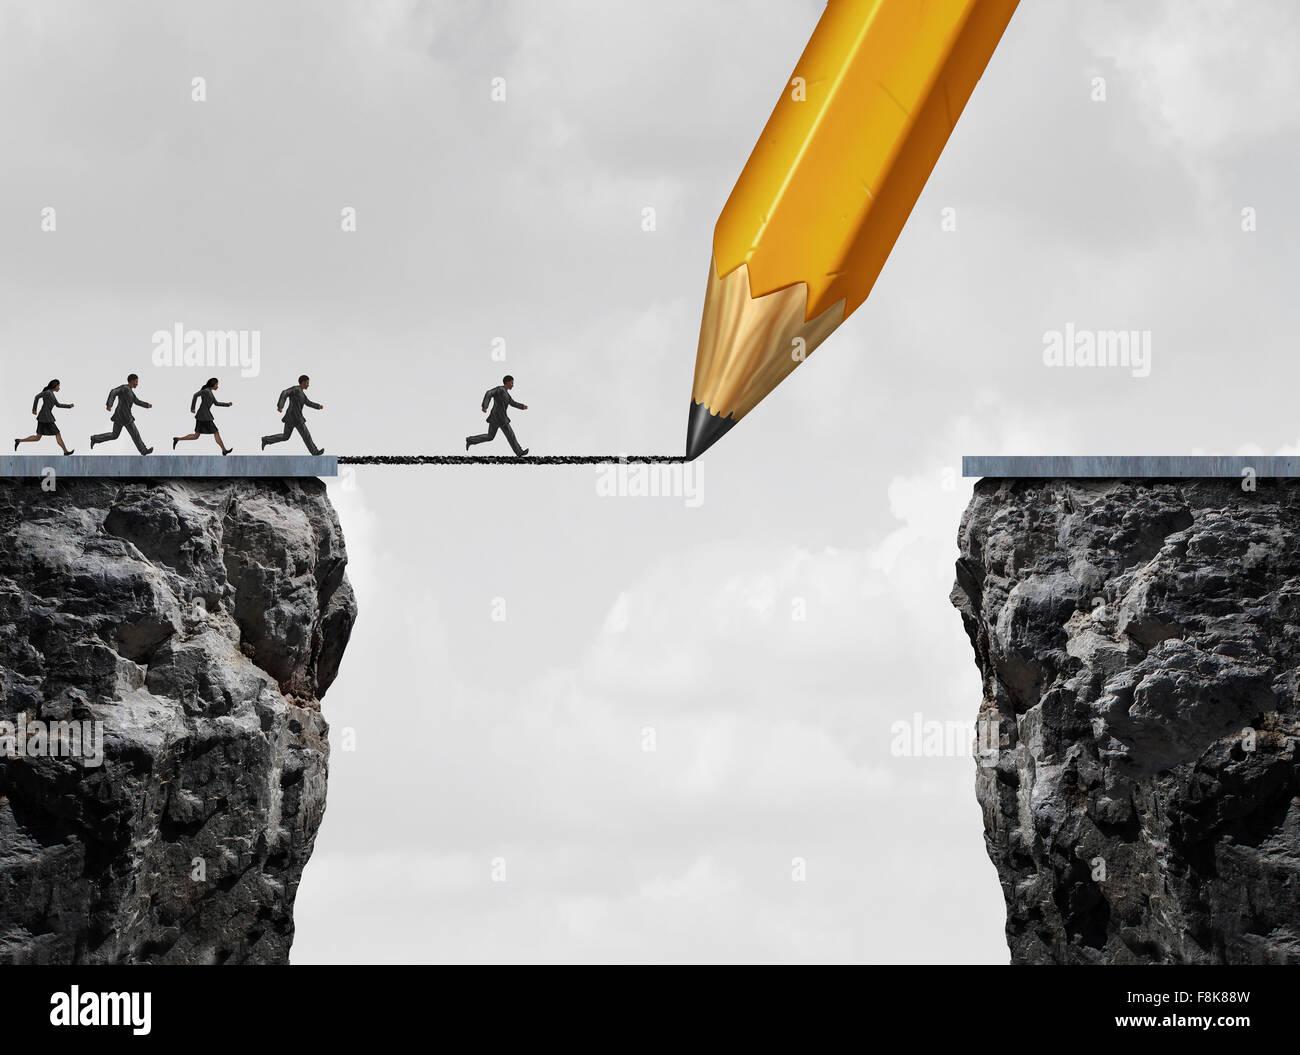 Dibujo de un puente y conquistar la adversidad concepto de negocio como un grupo de personas corriendo de un acantilado Foto de stock